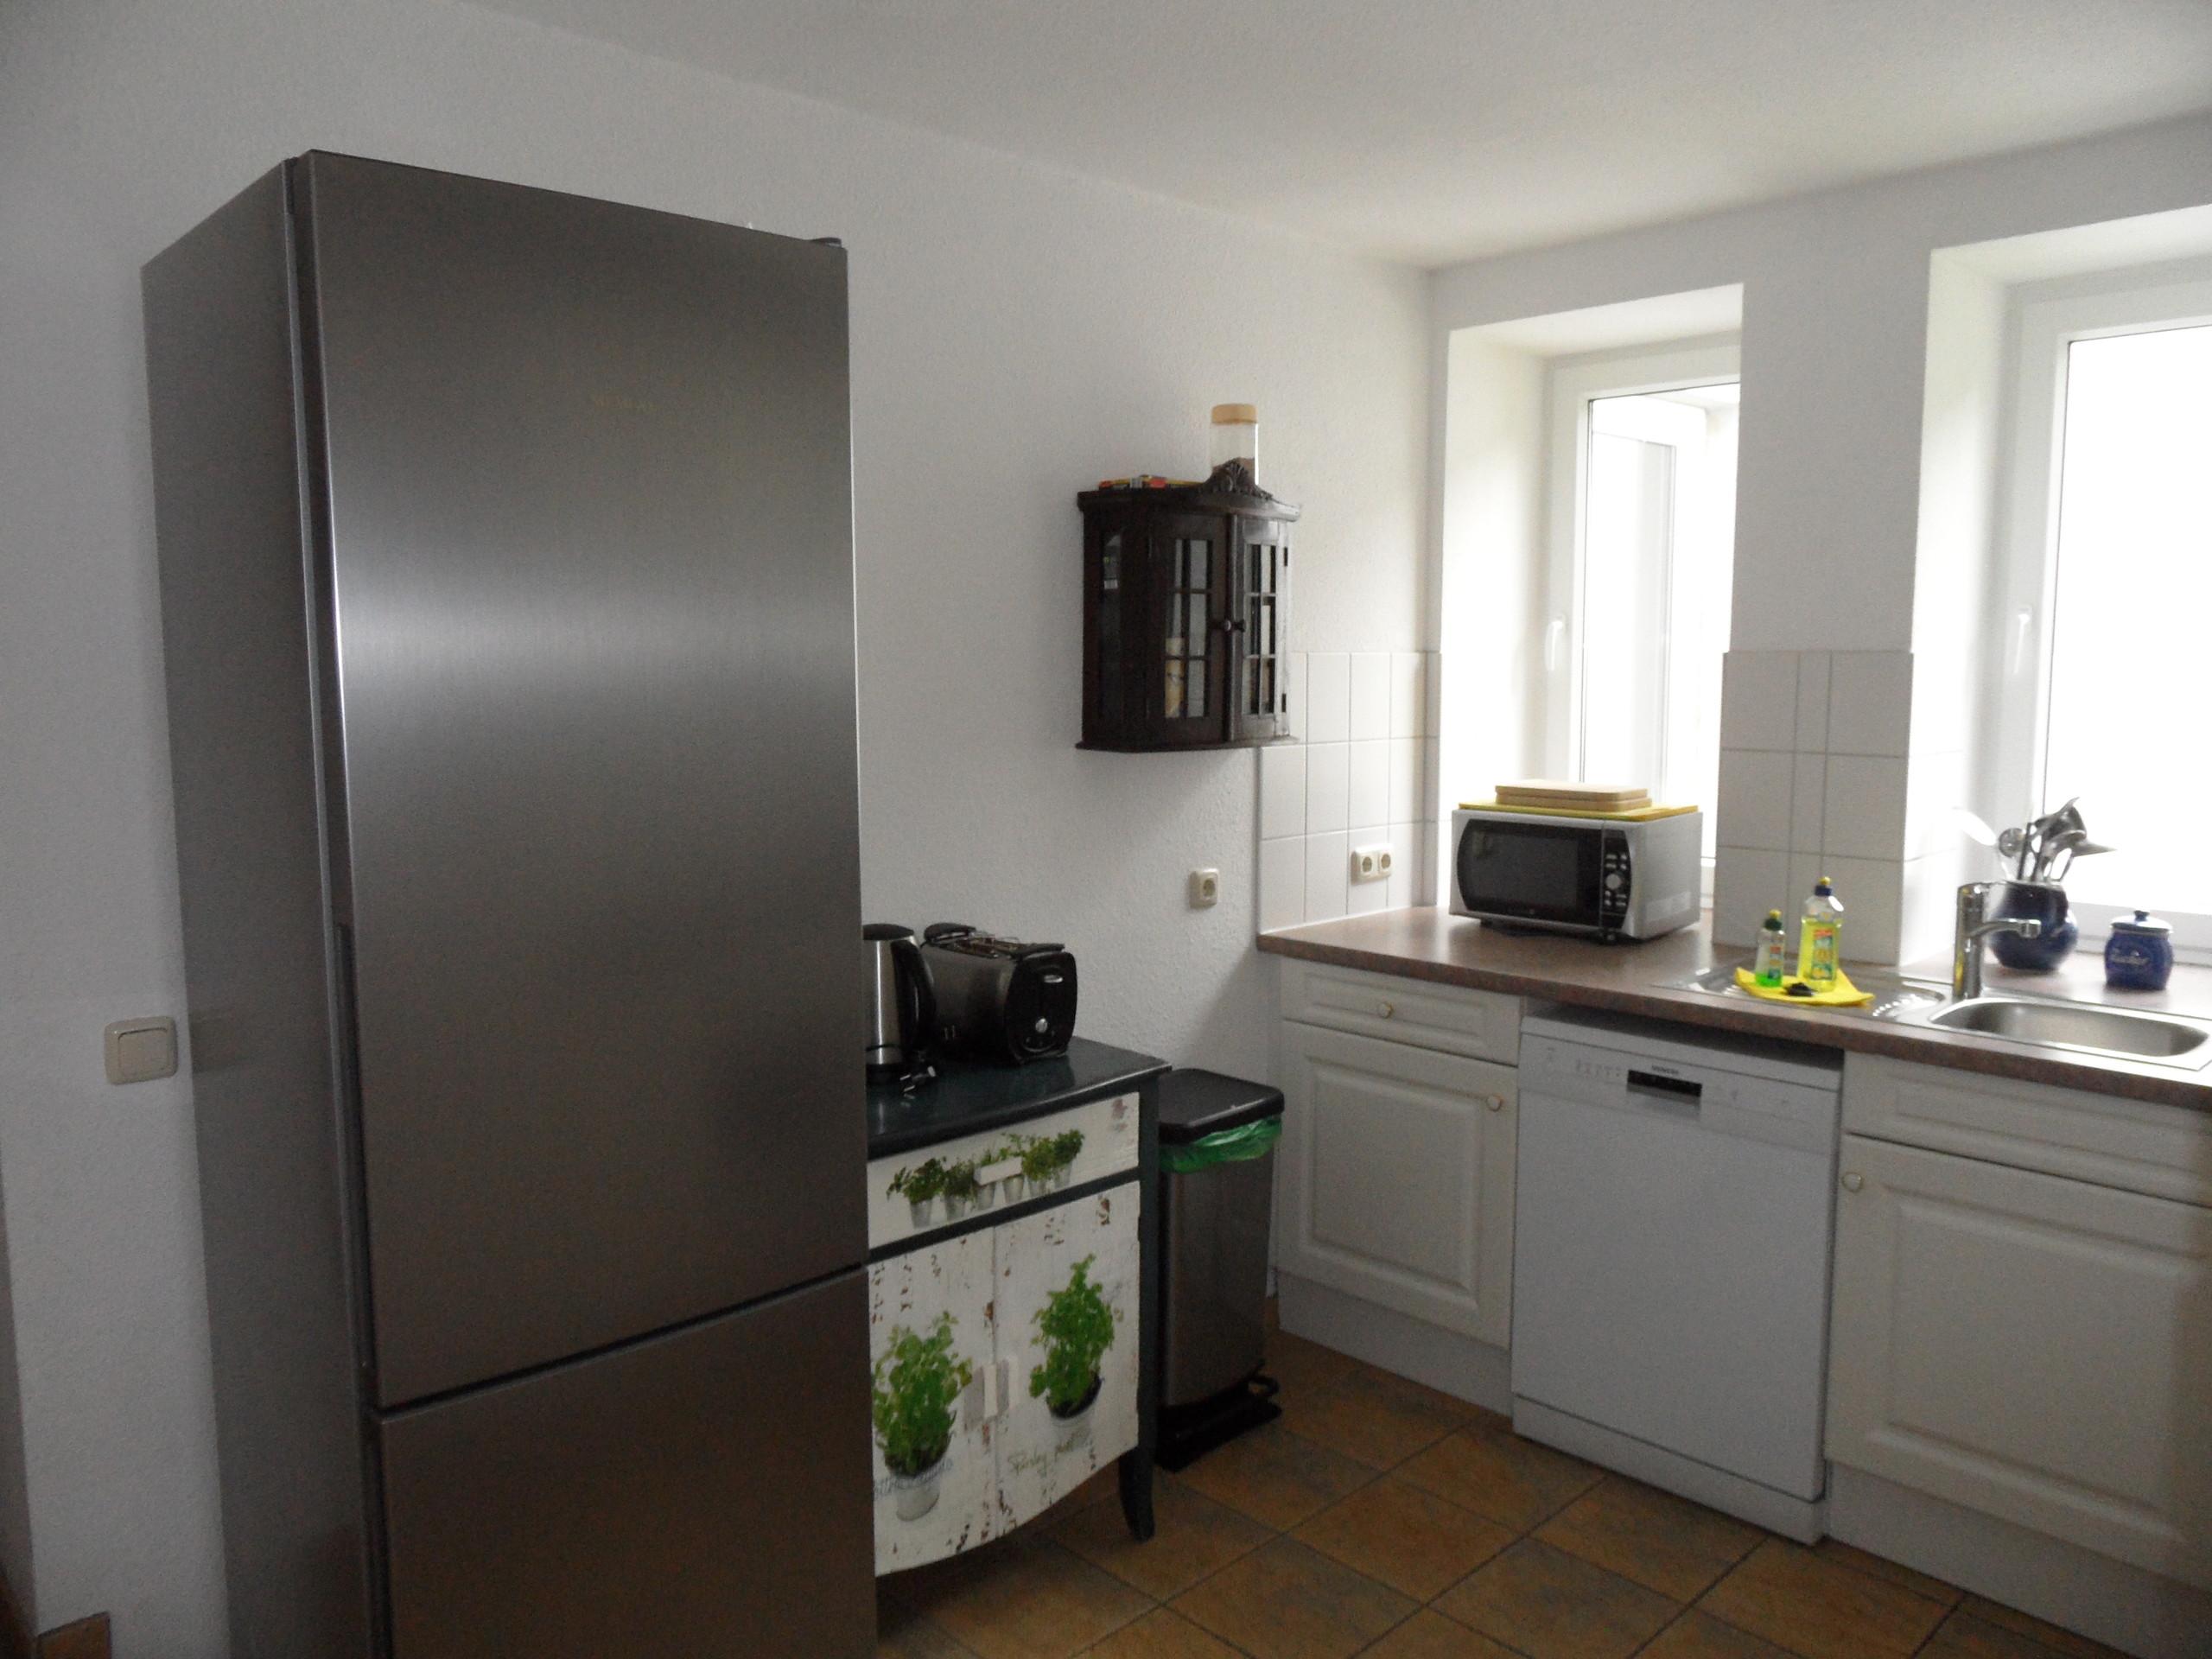 Küche inkl. großen Kühlschrank